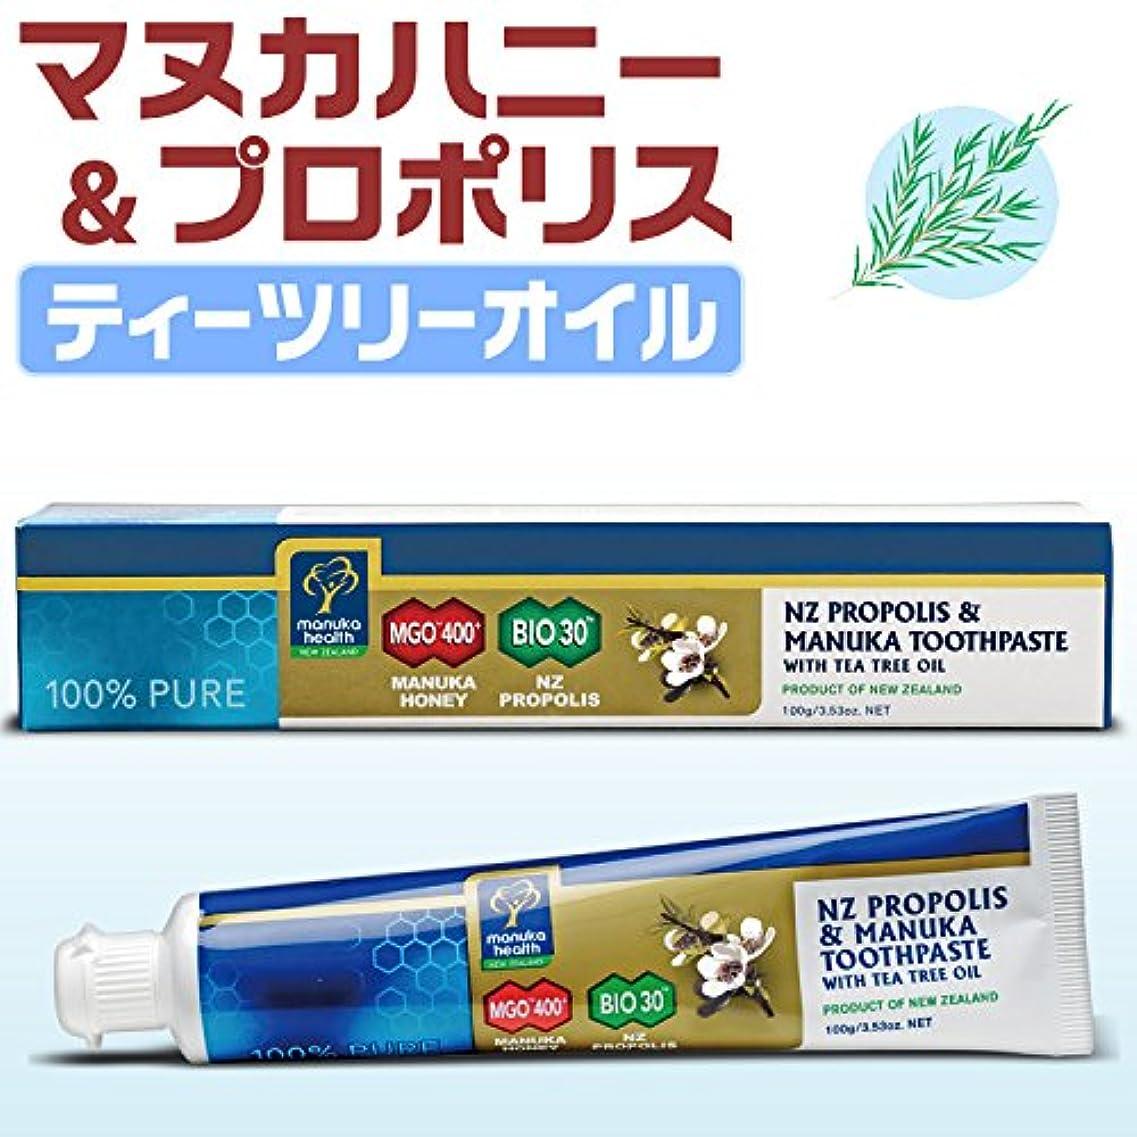 損傷エキサイティング目立つプロポリス&マヌカハニー MGO400+ ティーツリーオイル 歯磨き粉 [100g]青